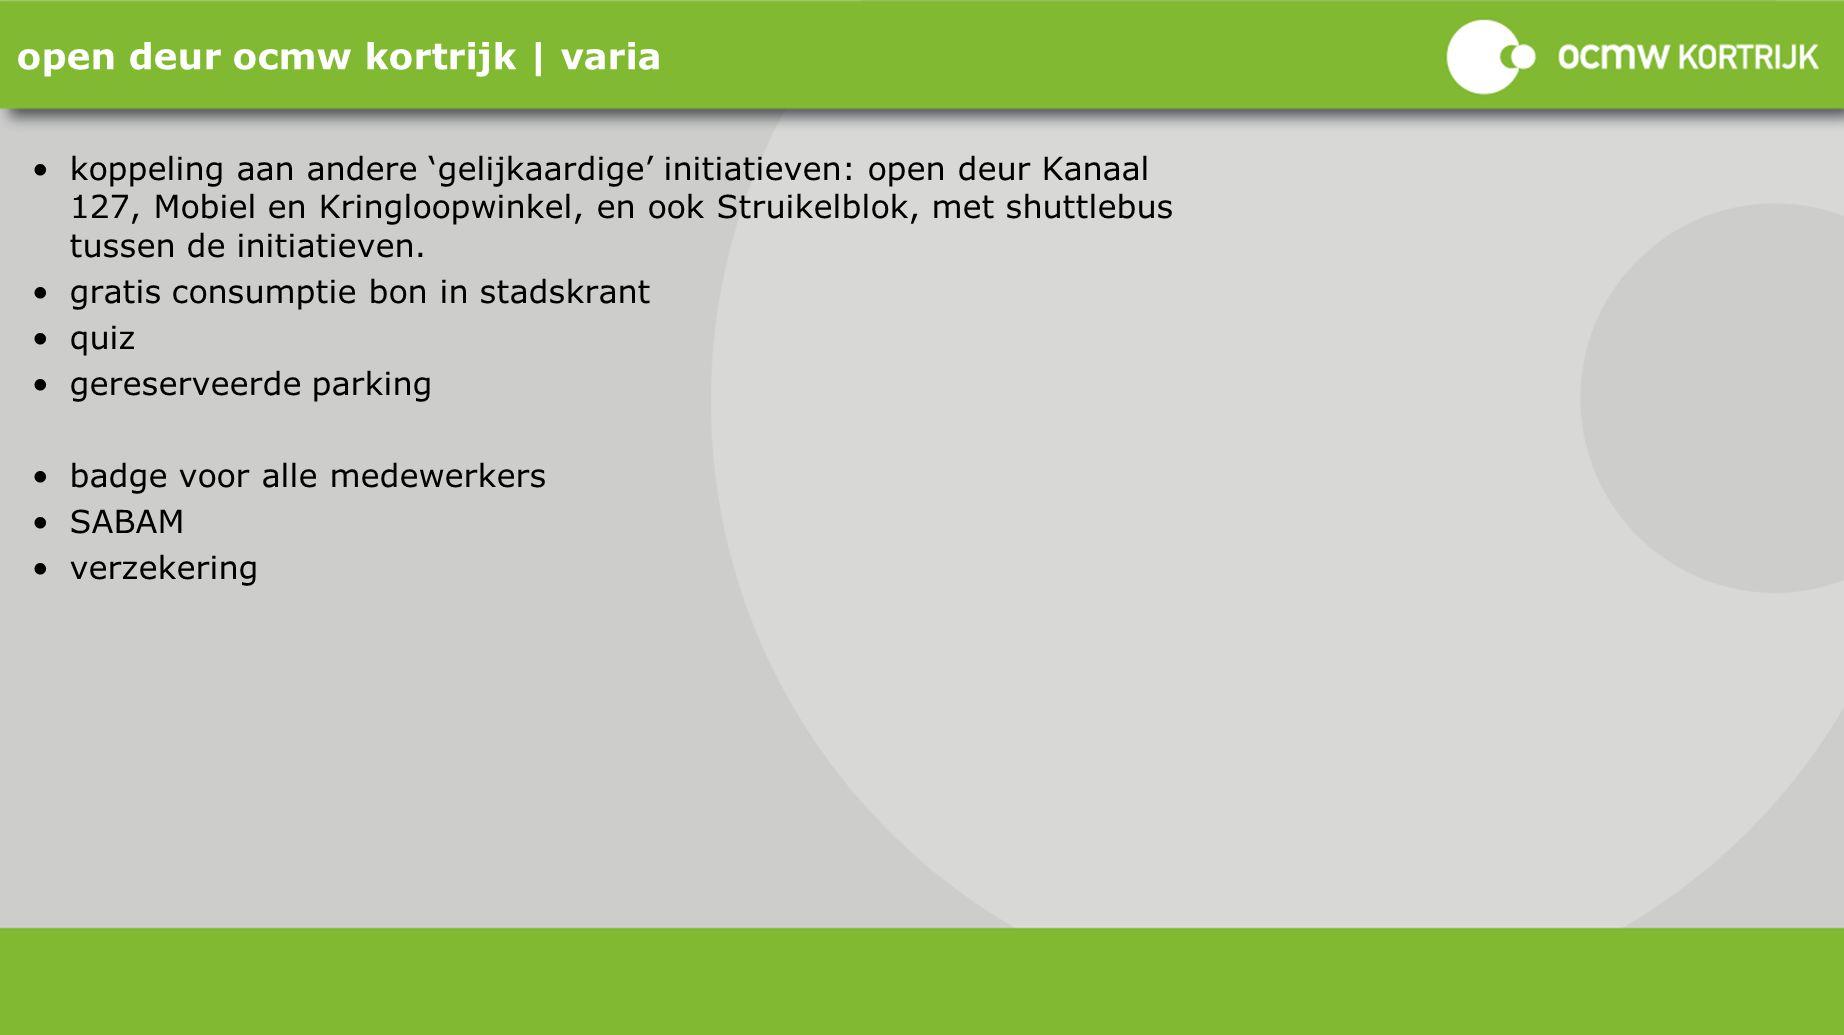 open deur ocmw kortrijk | varia koppeling aan andere 'gelijkaardige' initiatieven: open deur Kanaal 127, Mobiel en Kringloopwinkel, en ook Struikelblo